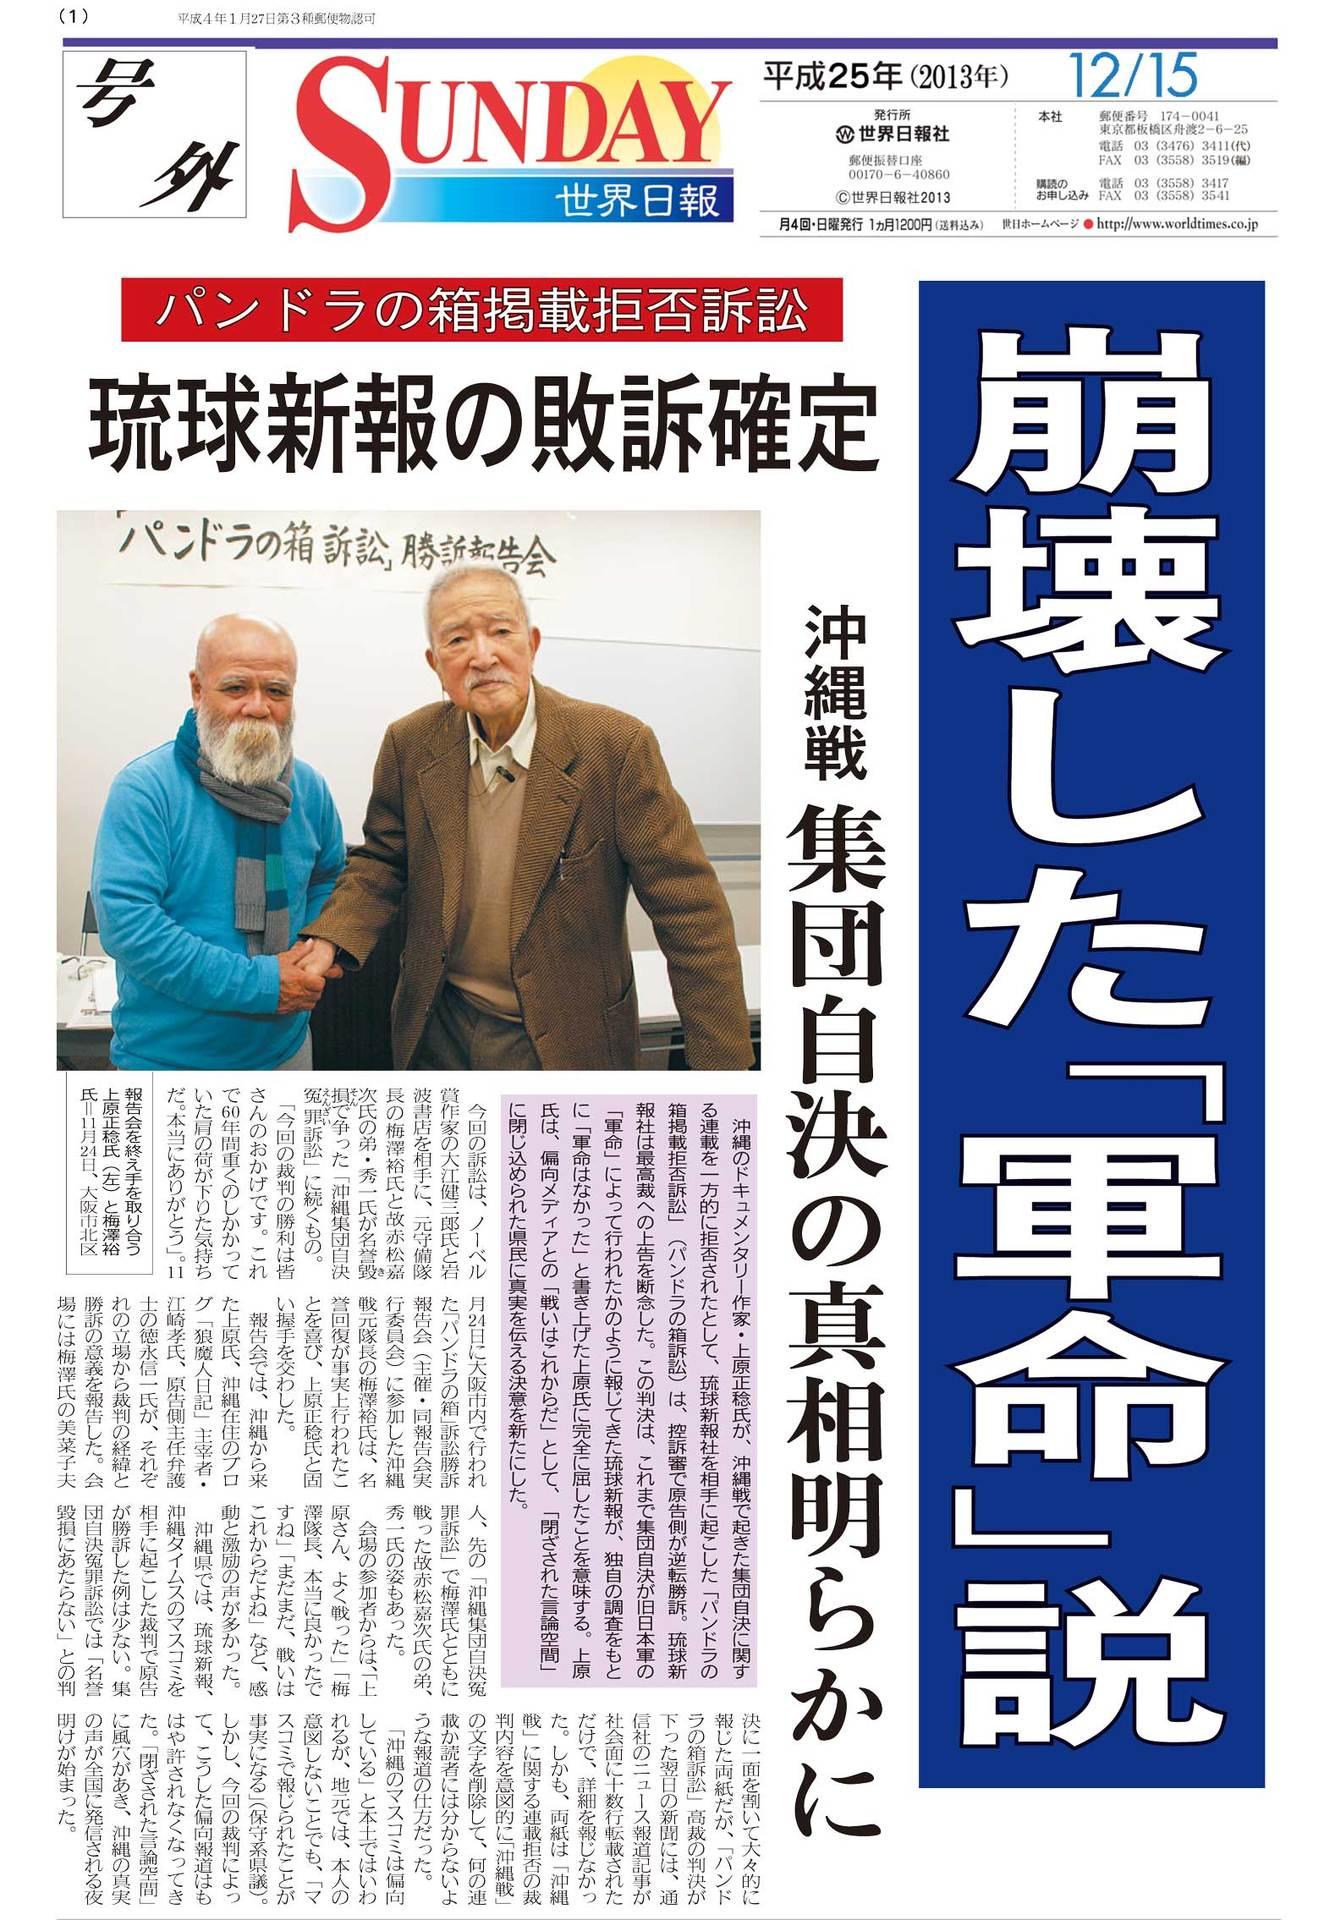 「上原正稔 琉球新報」の画像検索結果